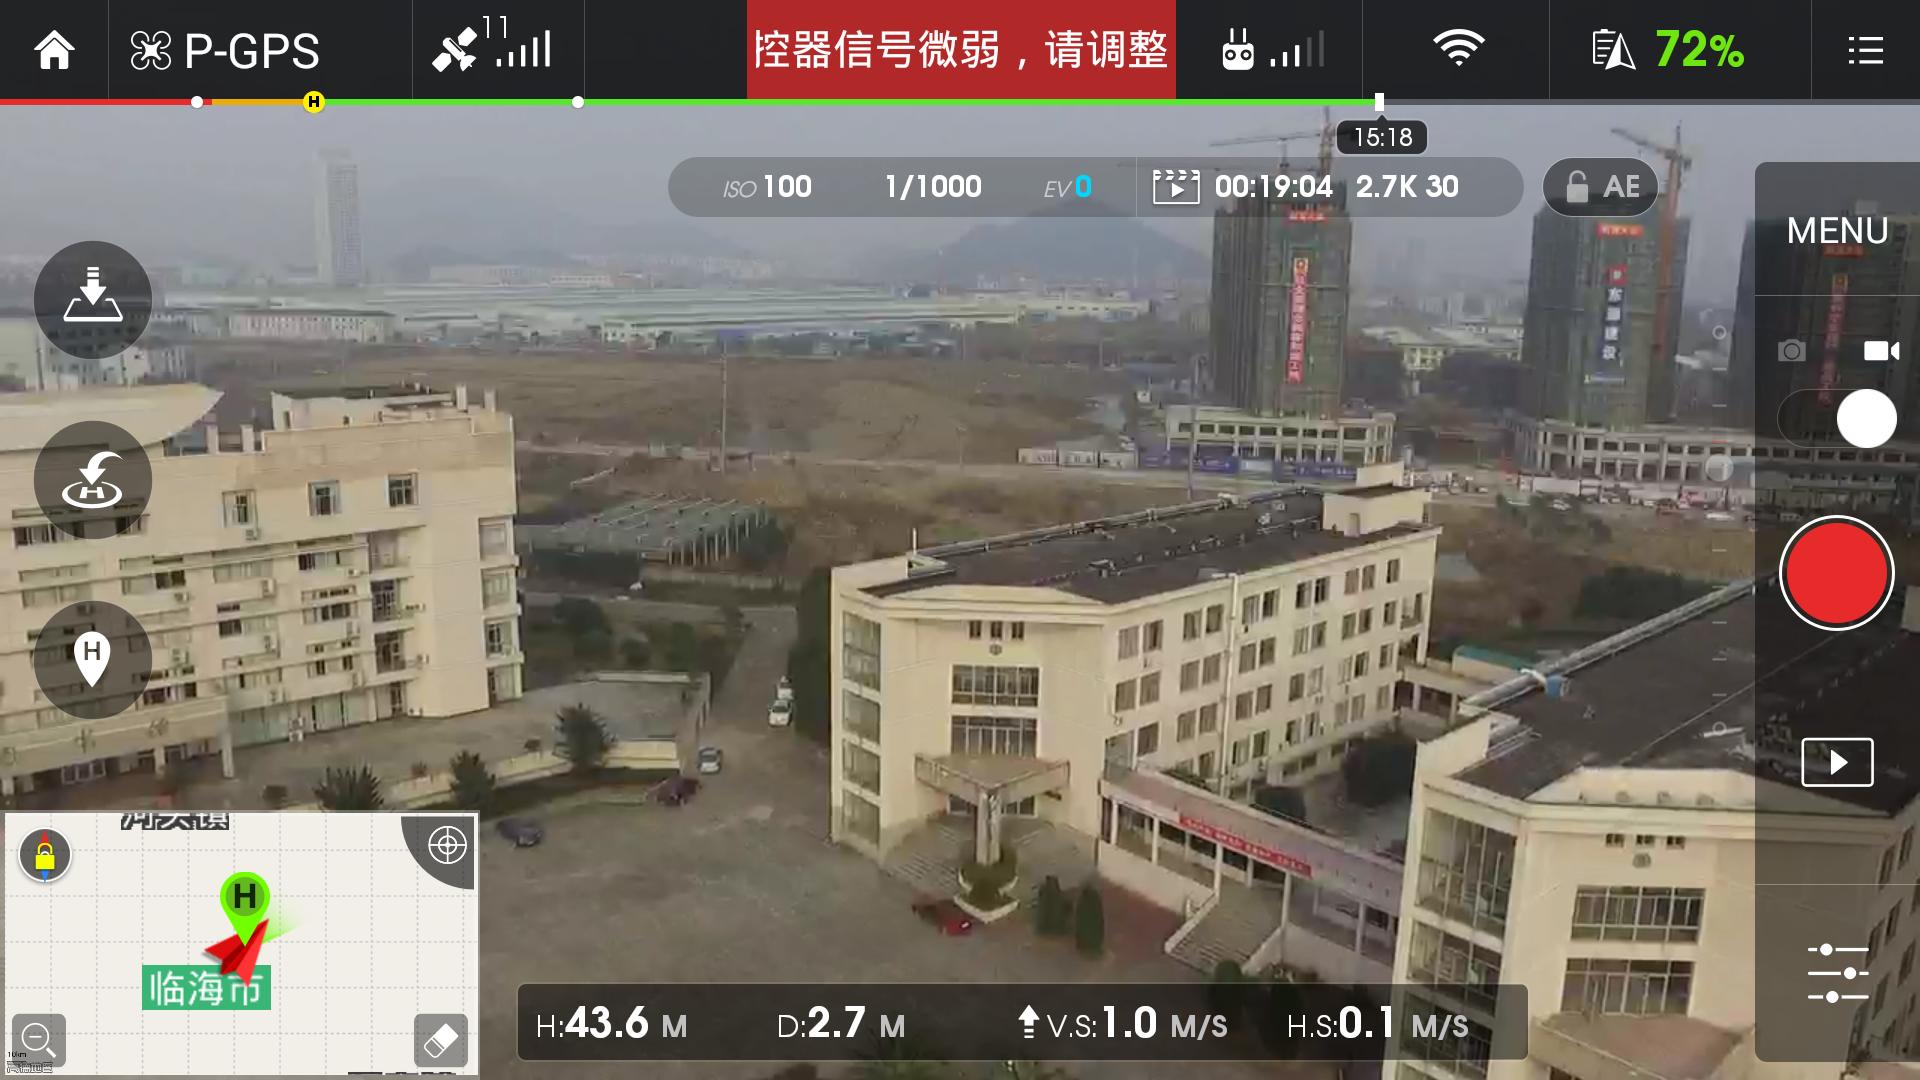 Screenshot_2015-12-31-14-28-06_dji.pilot.png